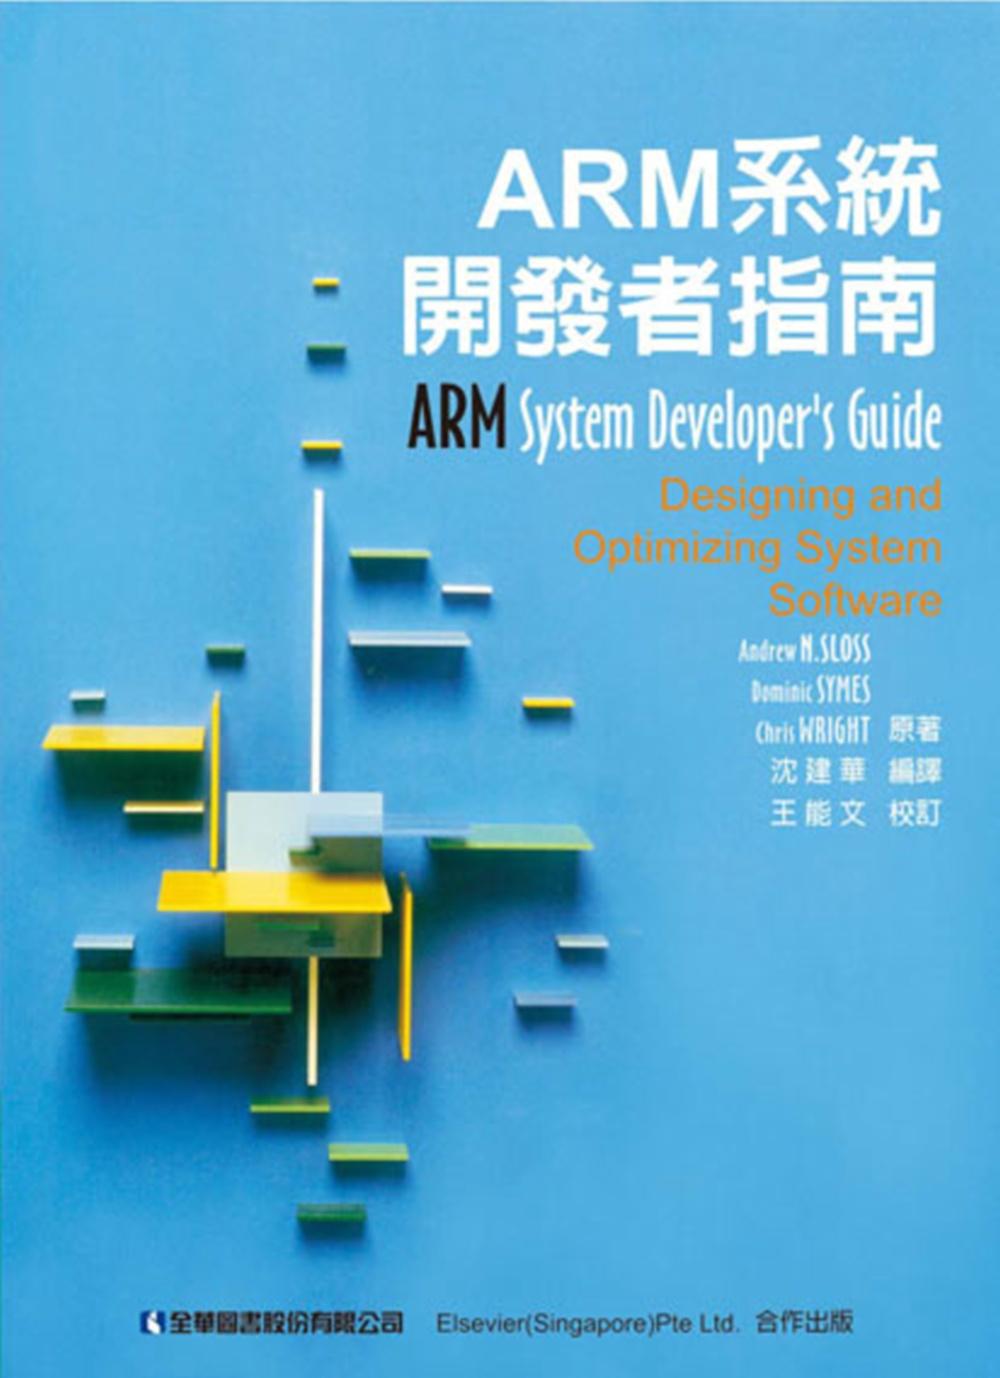 ARM系統開發者指南